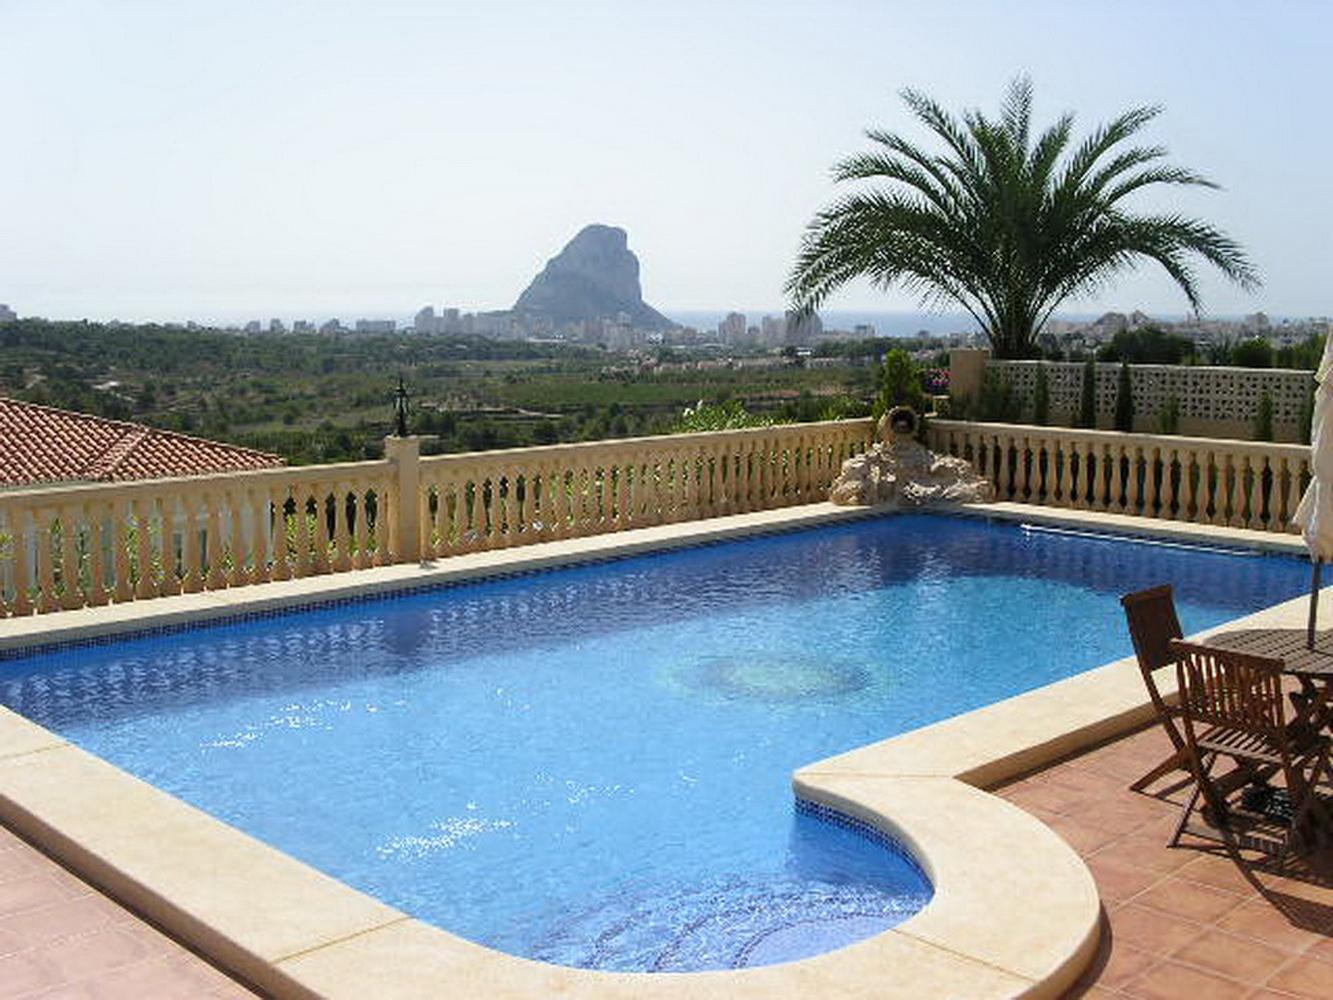 Villa empedrola en calpe comprar y vender casa en calp for Villas en calpe con piscina